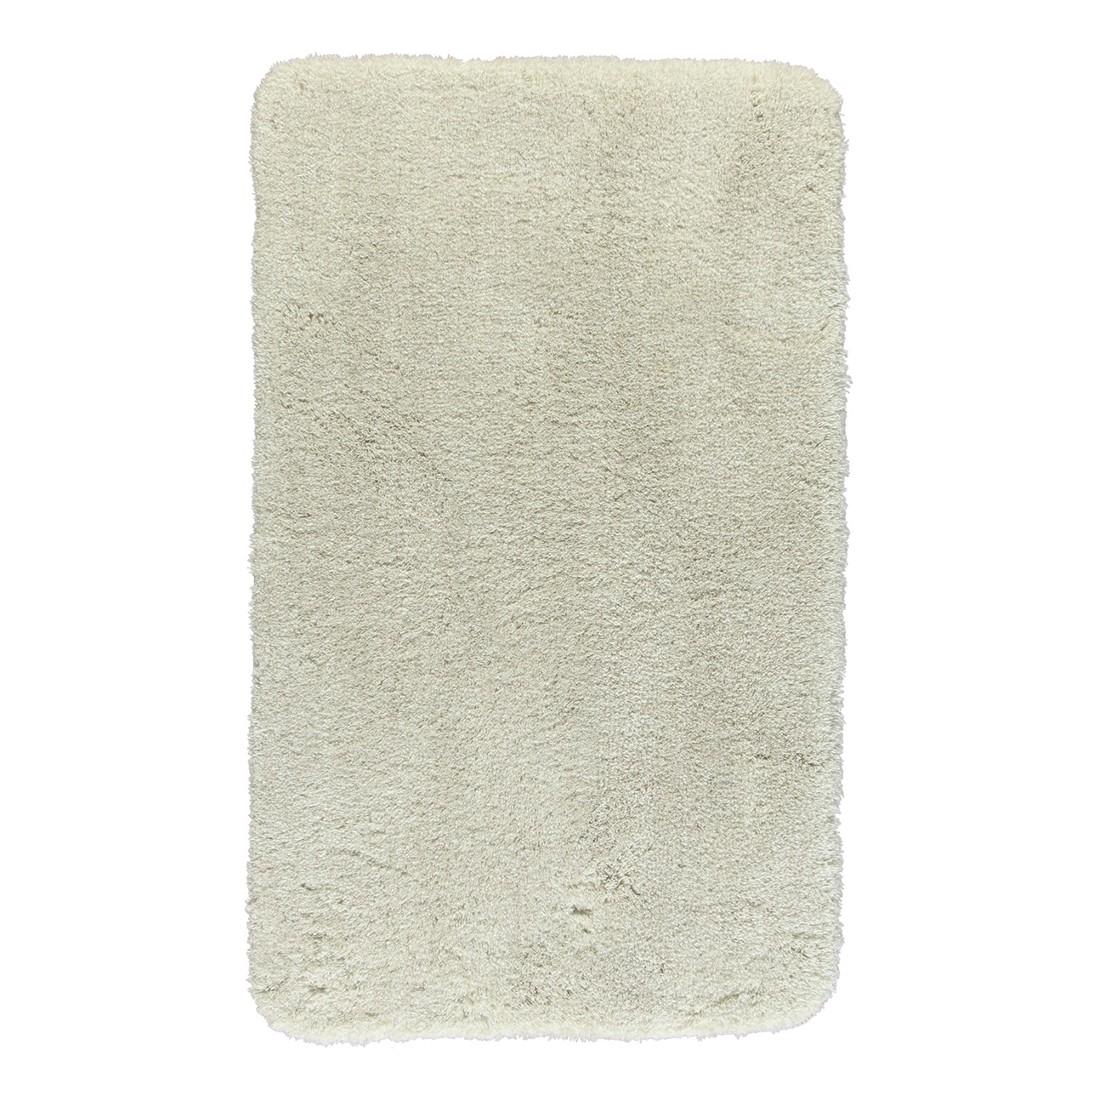 Badteppich Relax - 100% Polyacryl Bast - 291 - Abmessungen: 70 x 120 cm, Kleine Wolke